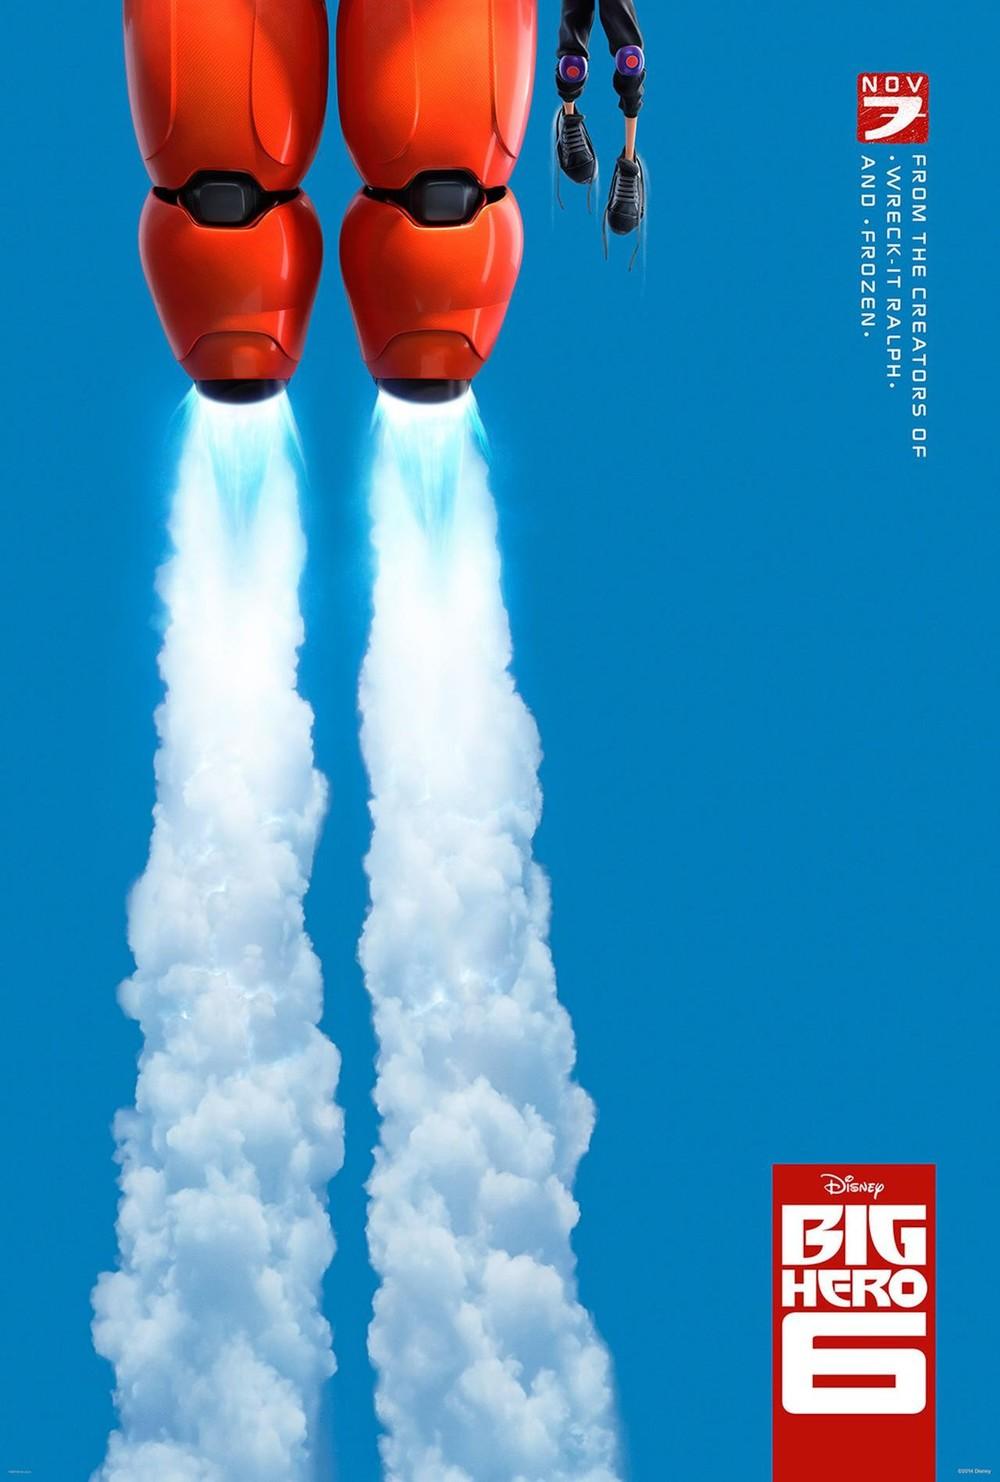 marvels-big-hero-6-sneak-peek-teaser-and-poster